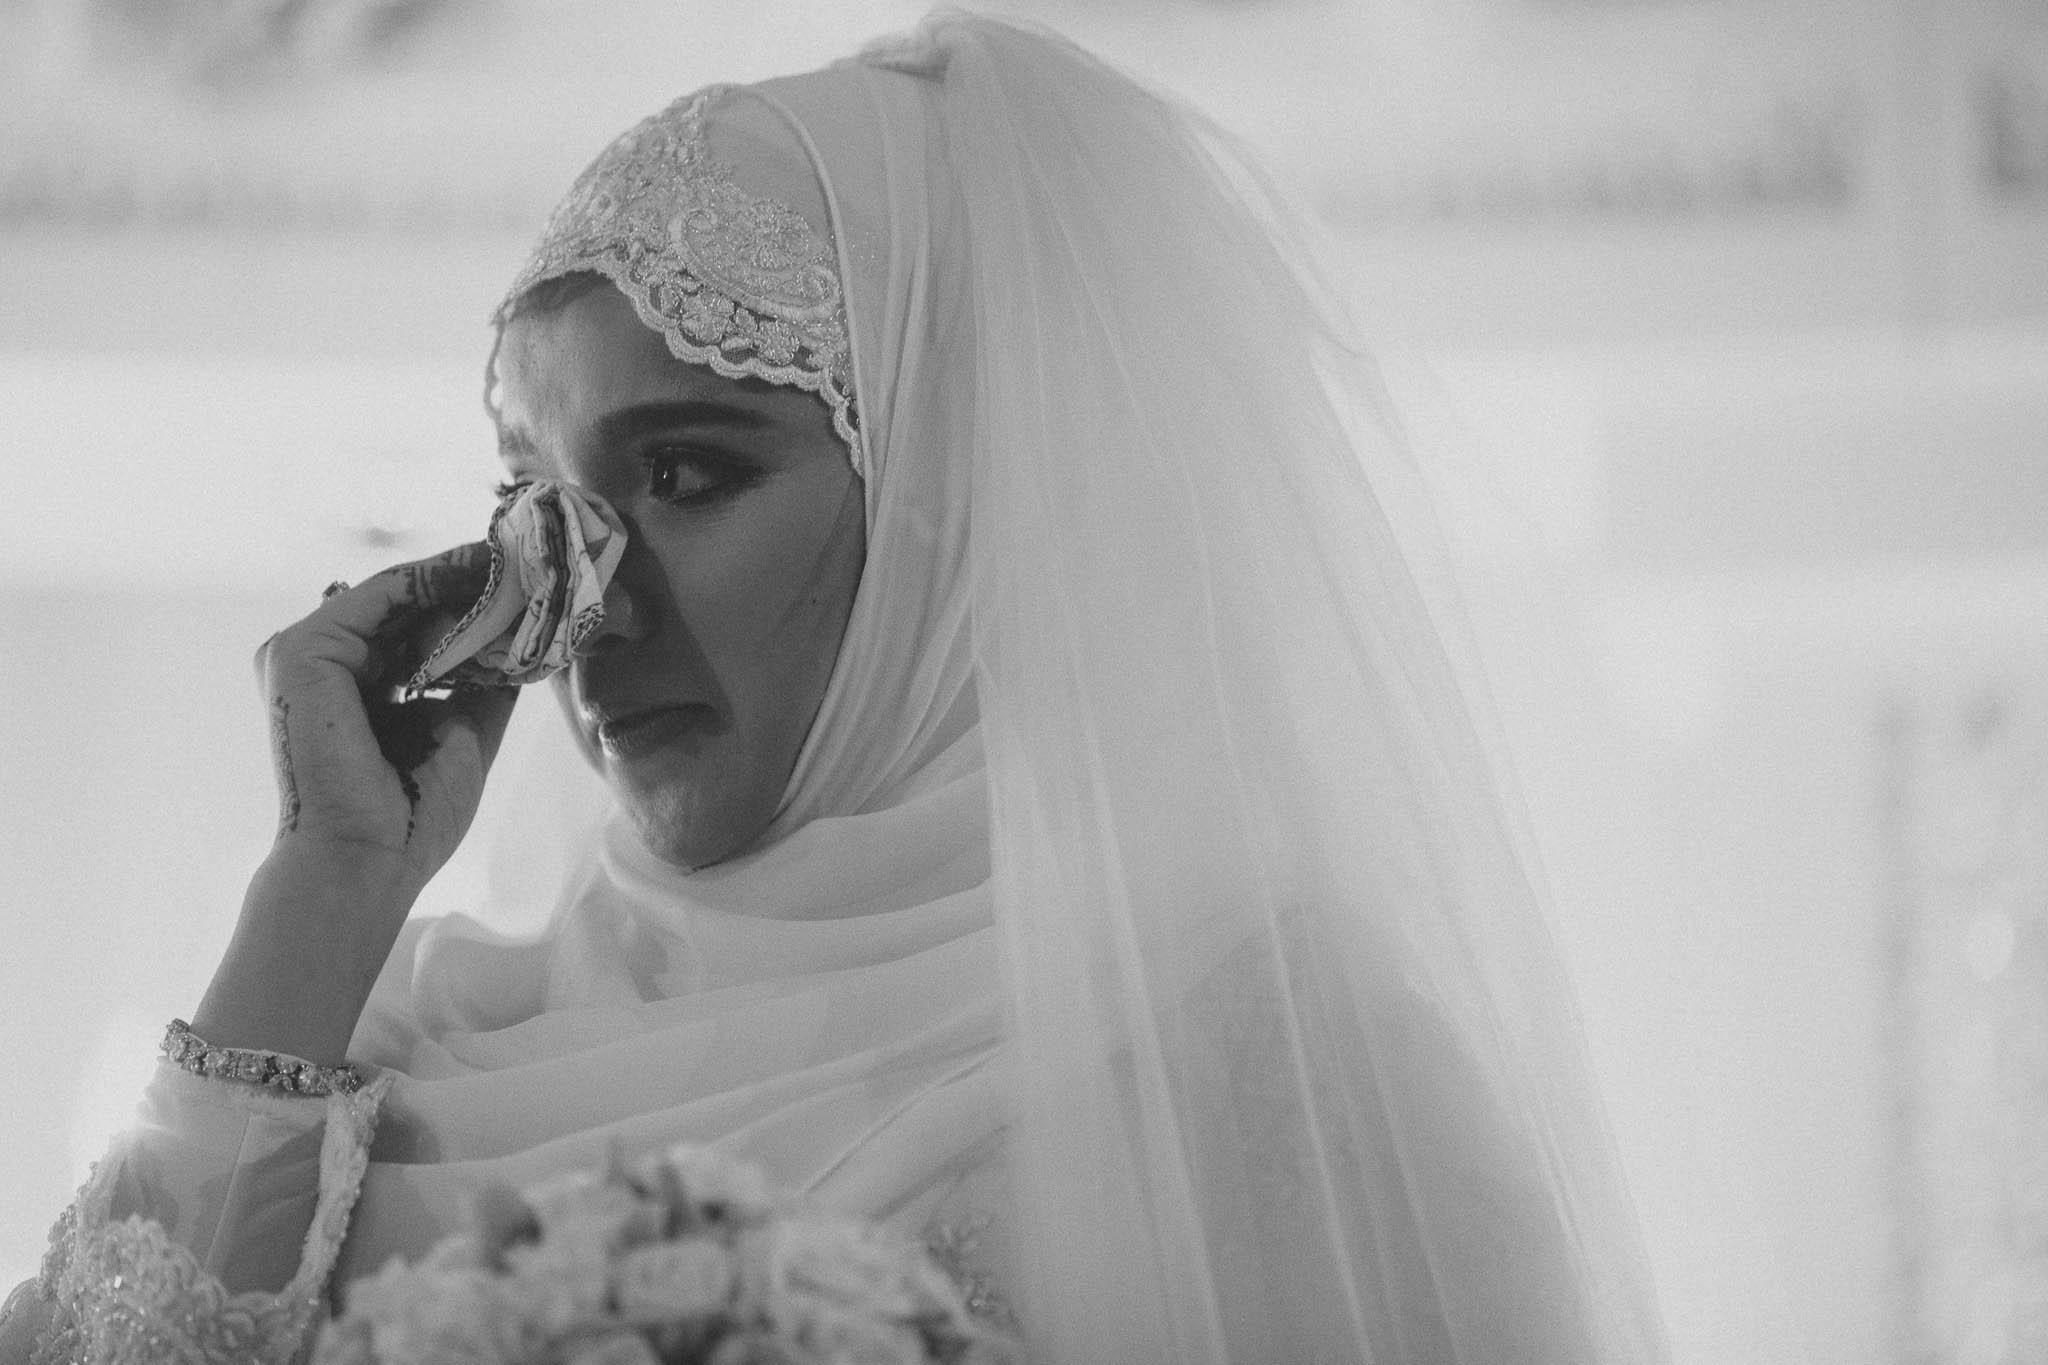 singapore-wedding-photographer-travel-wemadethese-atara-hafizah-61.jpg